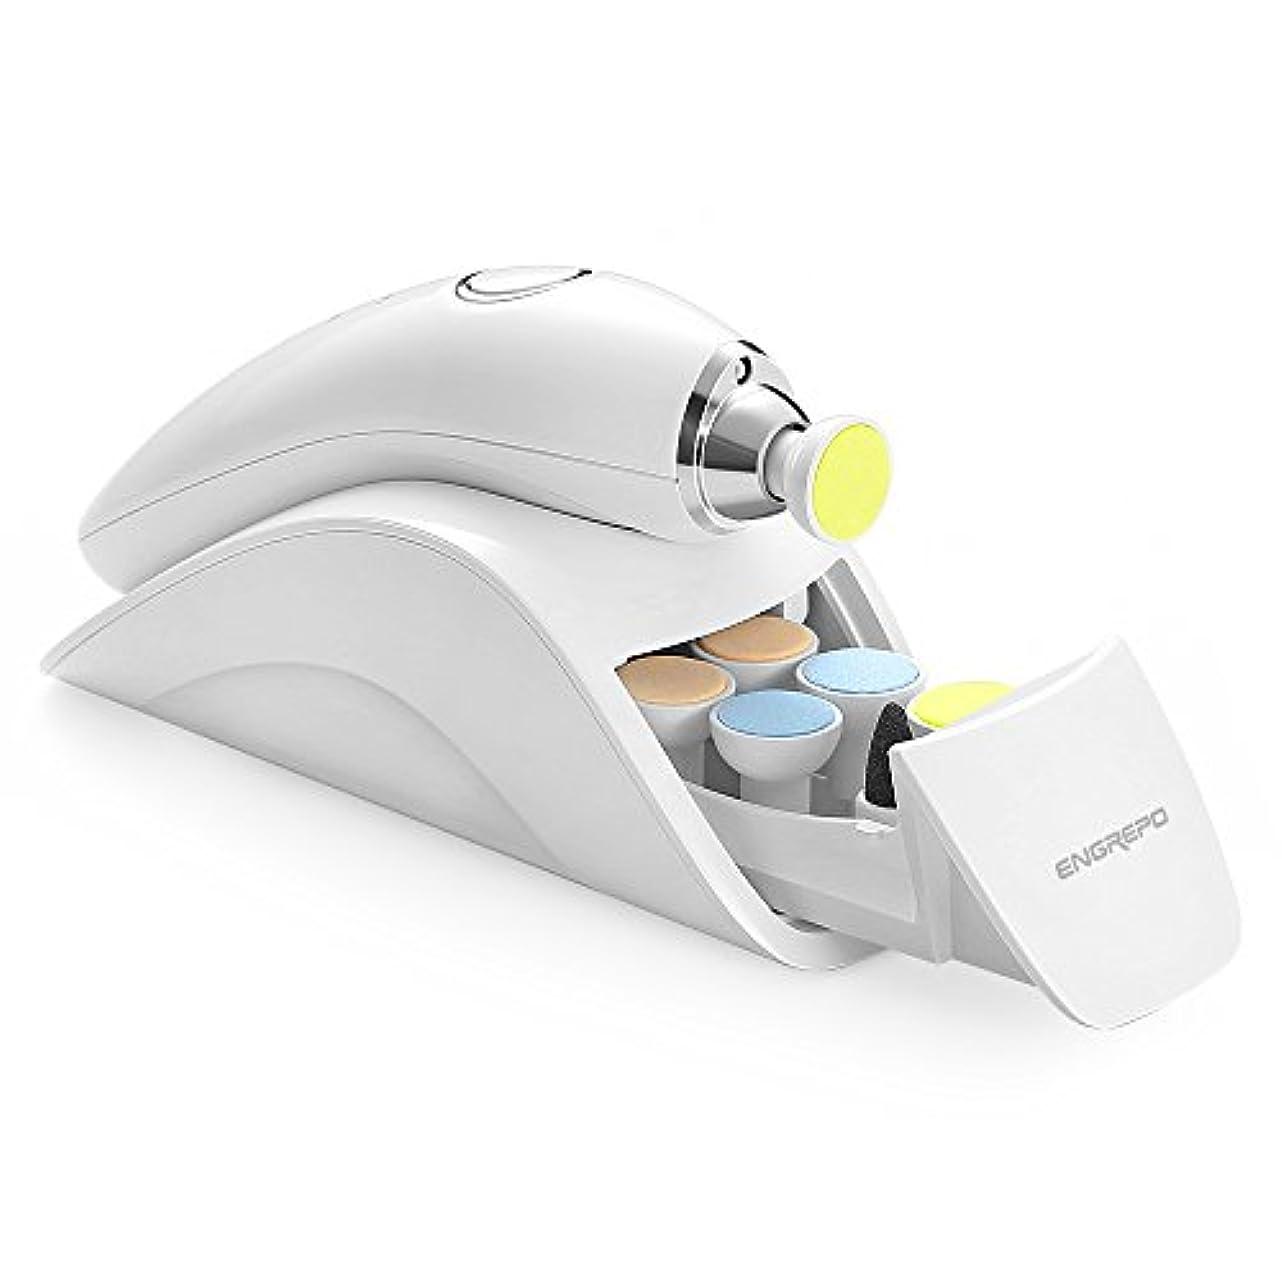 歴史訴える局ENGREPO ベビーレーベル ネイルケアセット レーベル ホワイト(新生児~対象) ママにも使えるネイルケア(4種類の磨きヘッド、超低デシベル、3速ギア、LEDフィルインライト)円弧充電ベース隠し収納ボックス付き